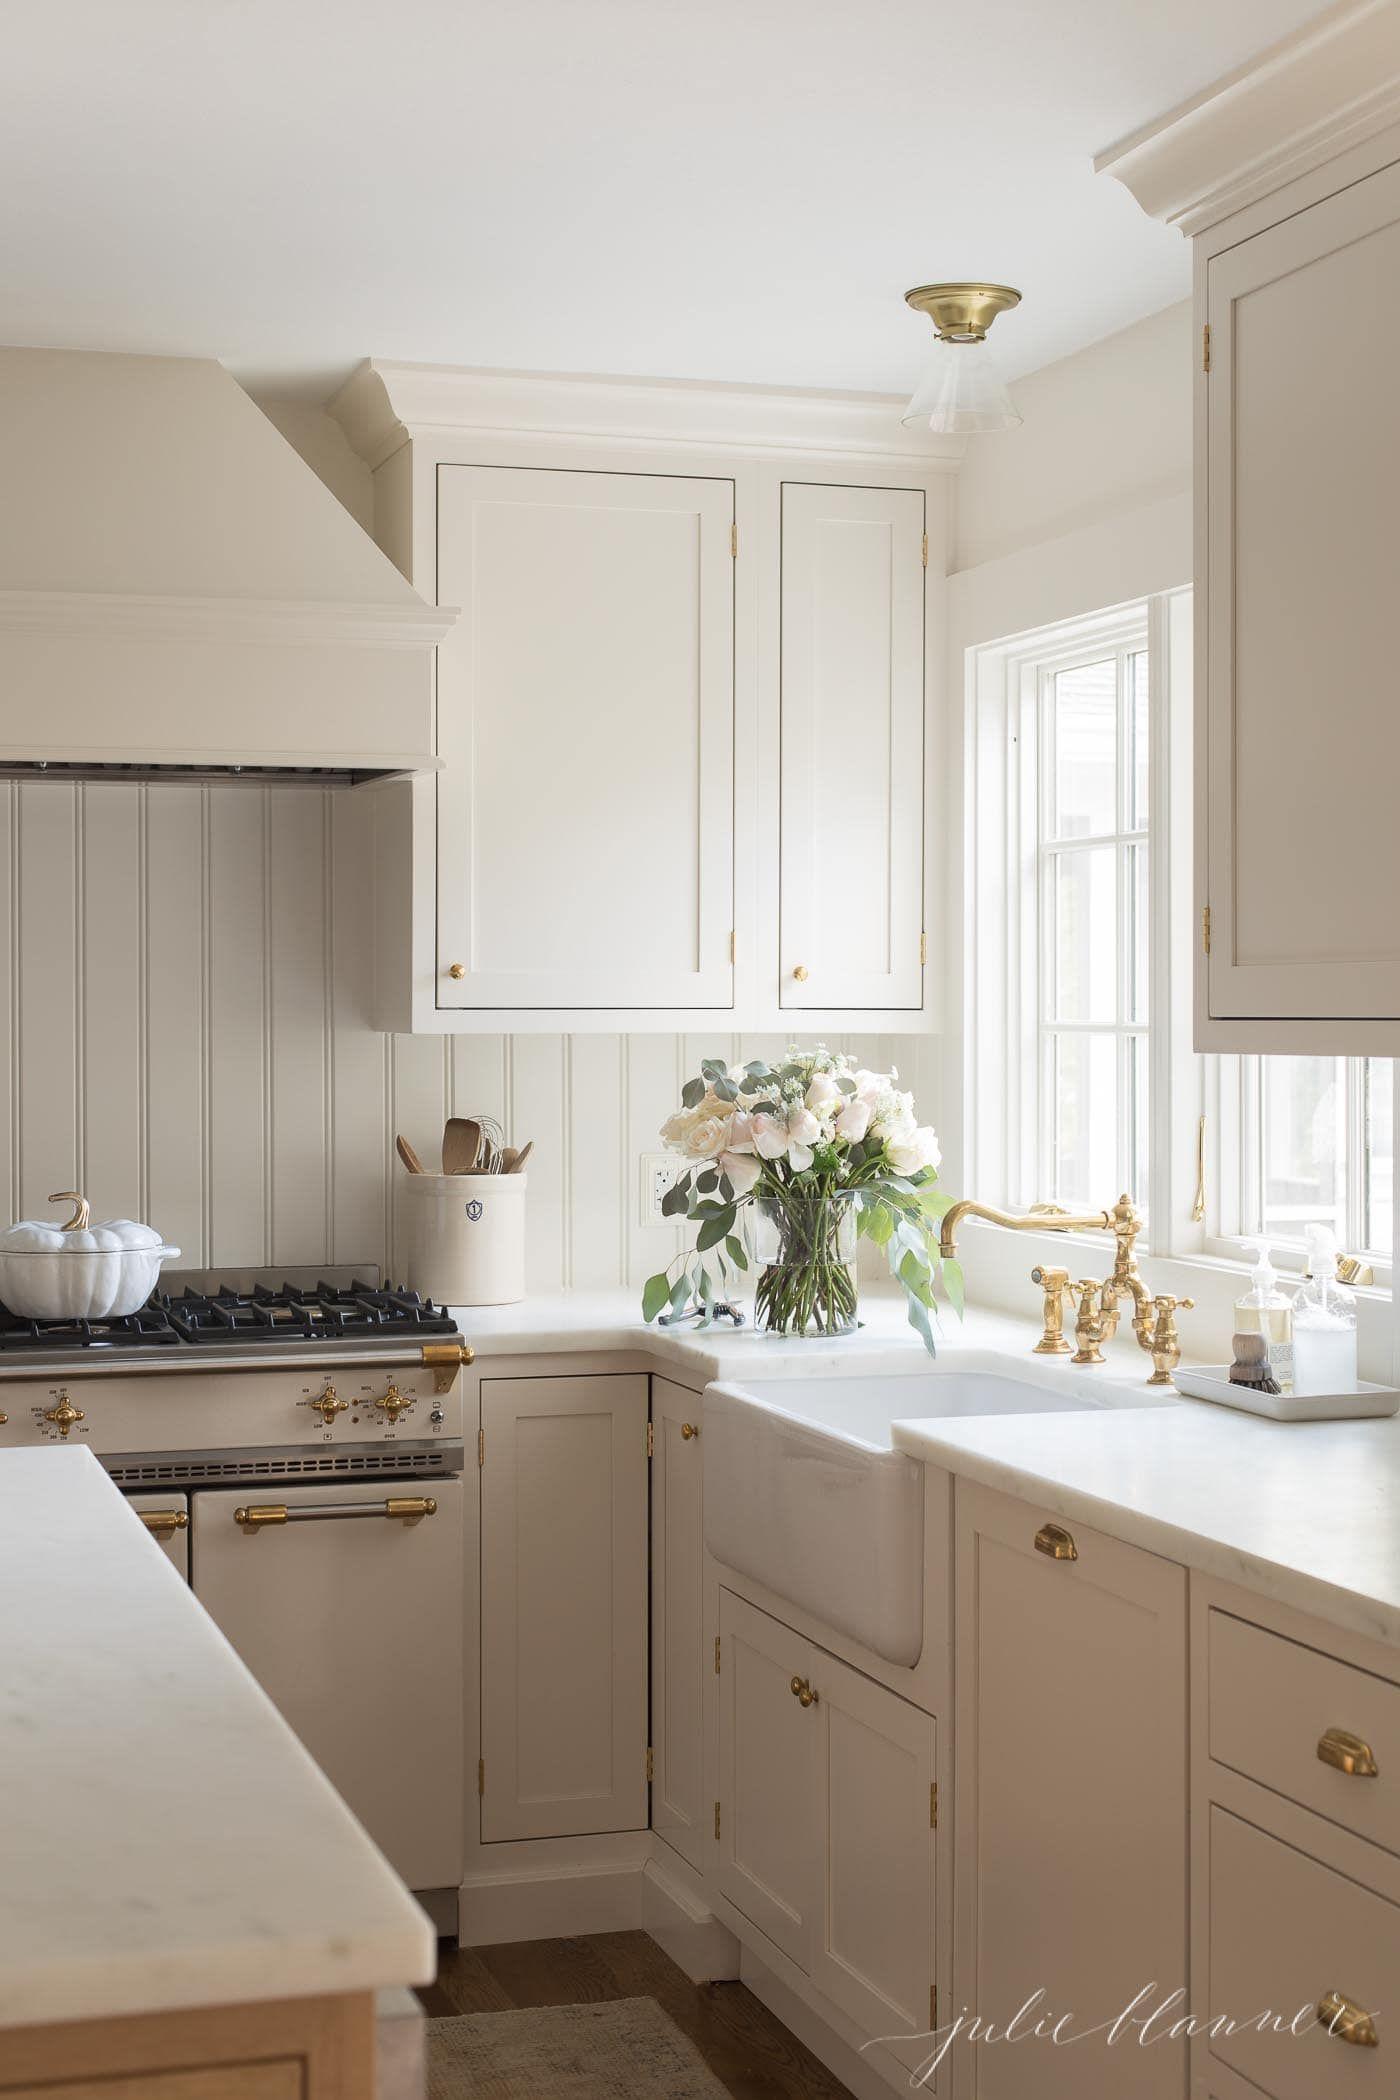 Cream Kitchen Cabinet Custom Paint Color Julie Blanner In 2020 Cream Kitchen Cabinets New Kitchen Cabinets Painted Kitchen Cabinets Colors